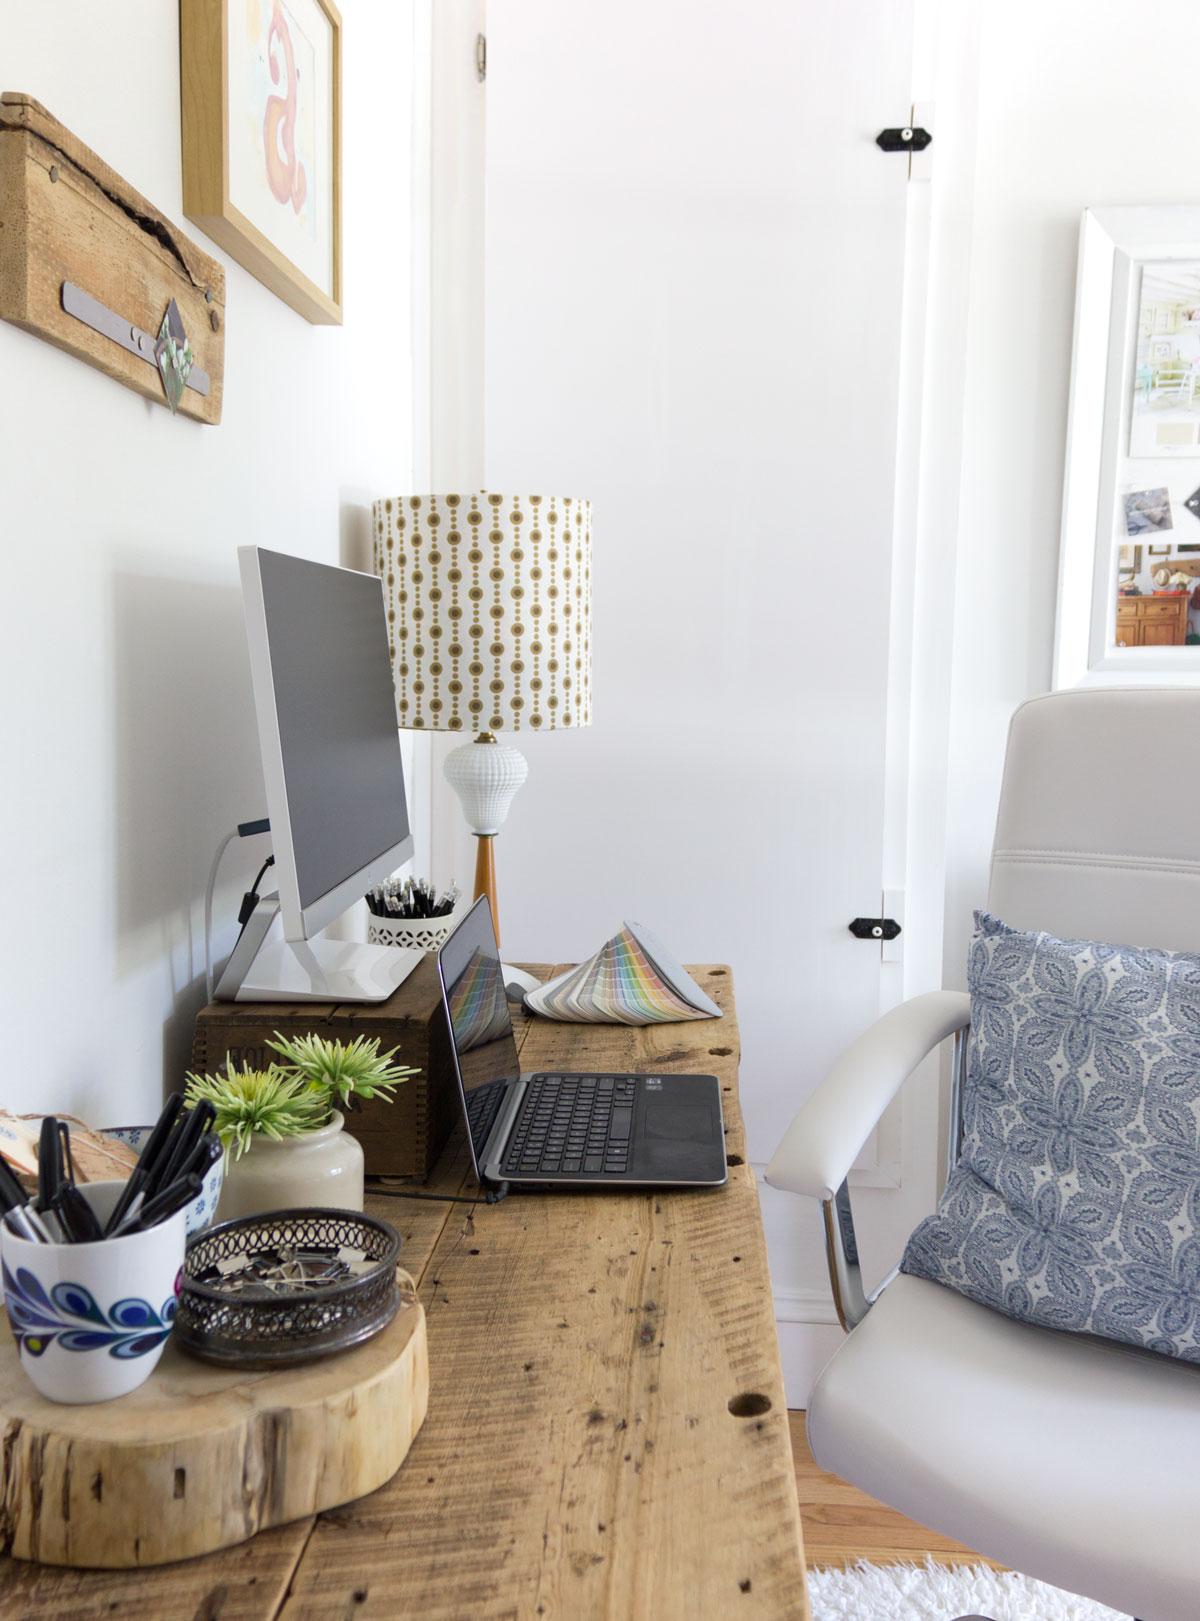 如何设计一个功能性,冷静和富有成效的工作空间